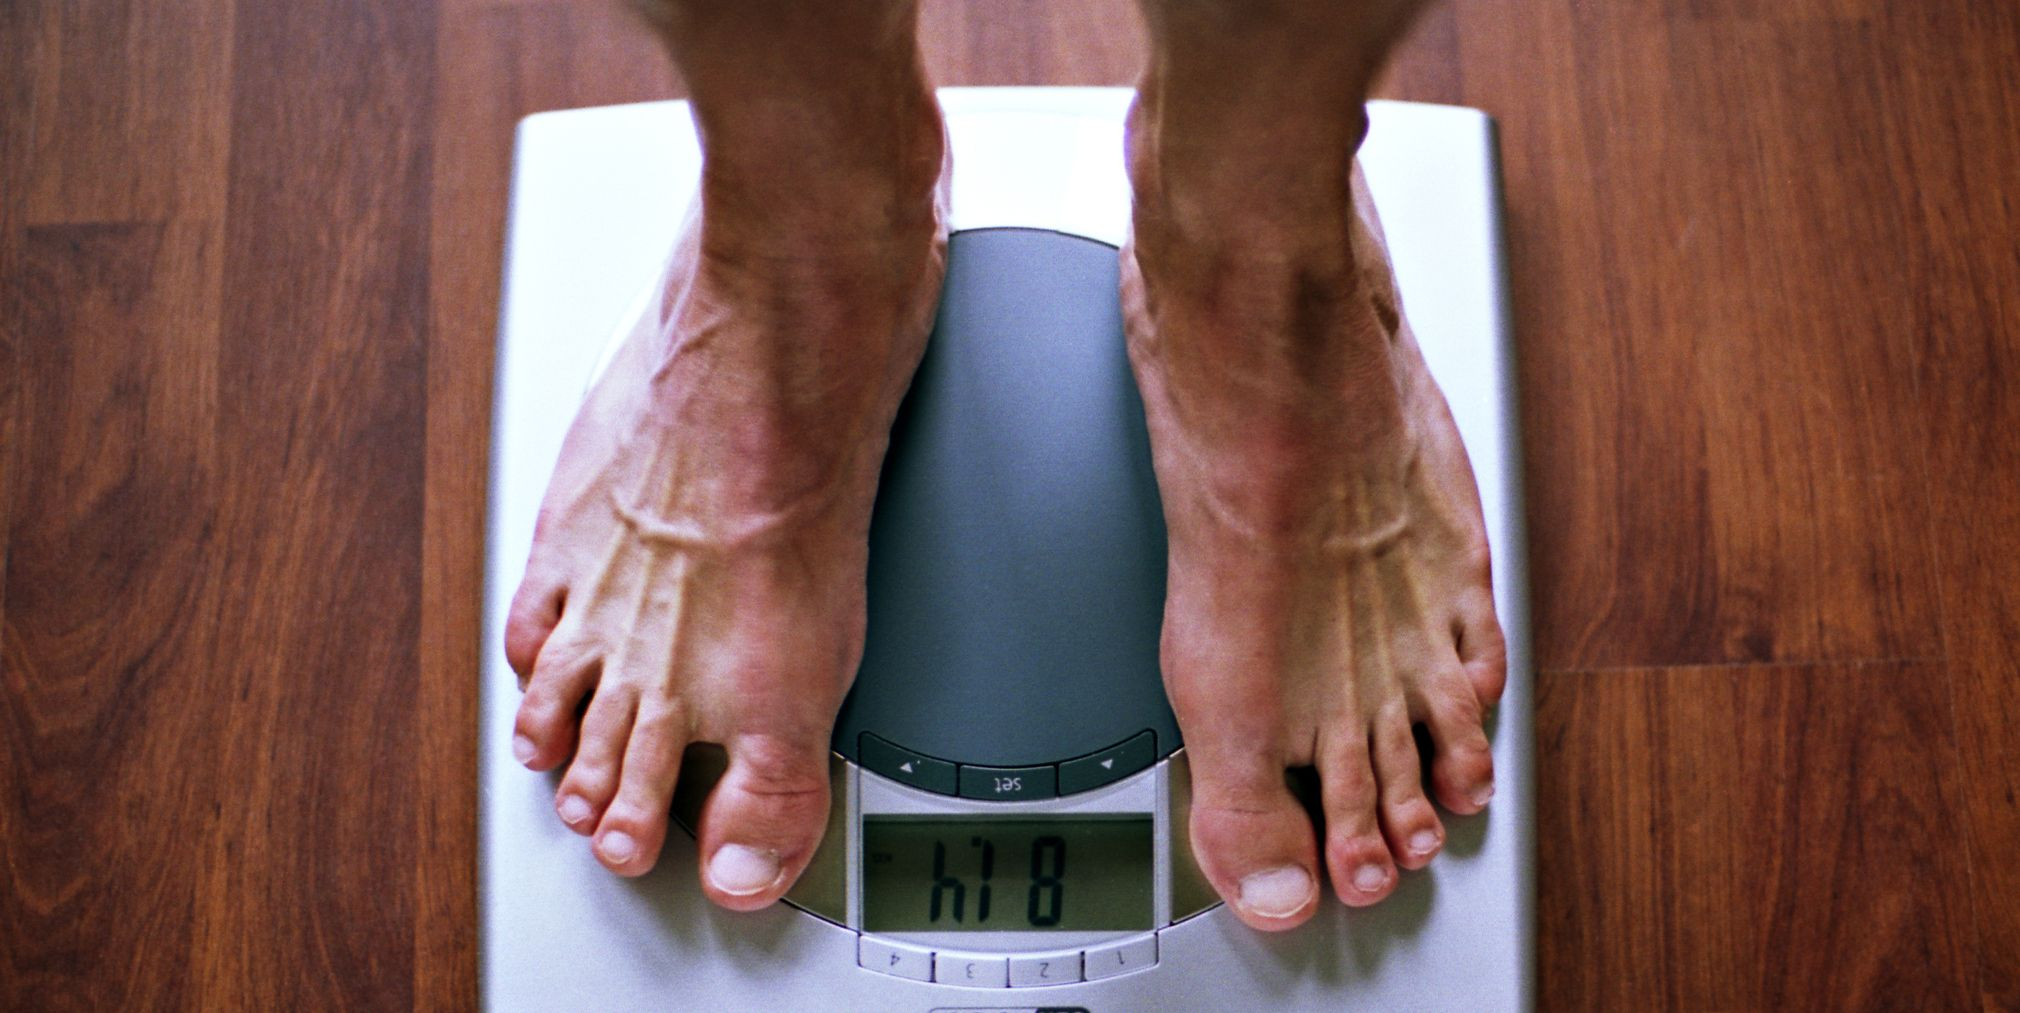 Men's feet on scale